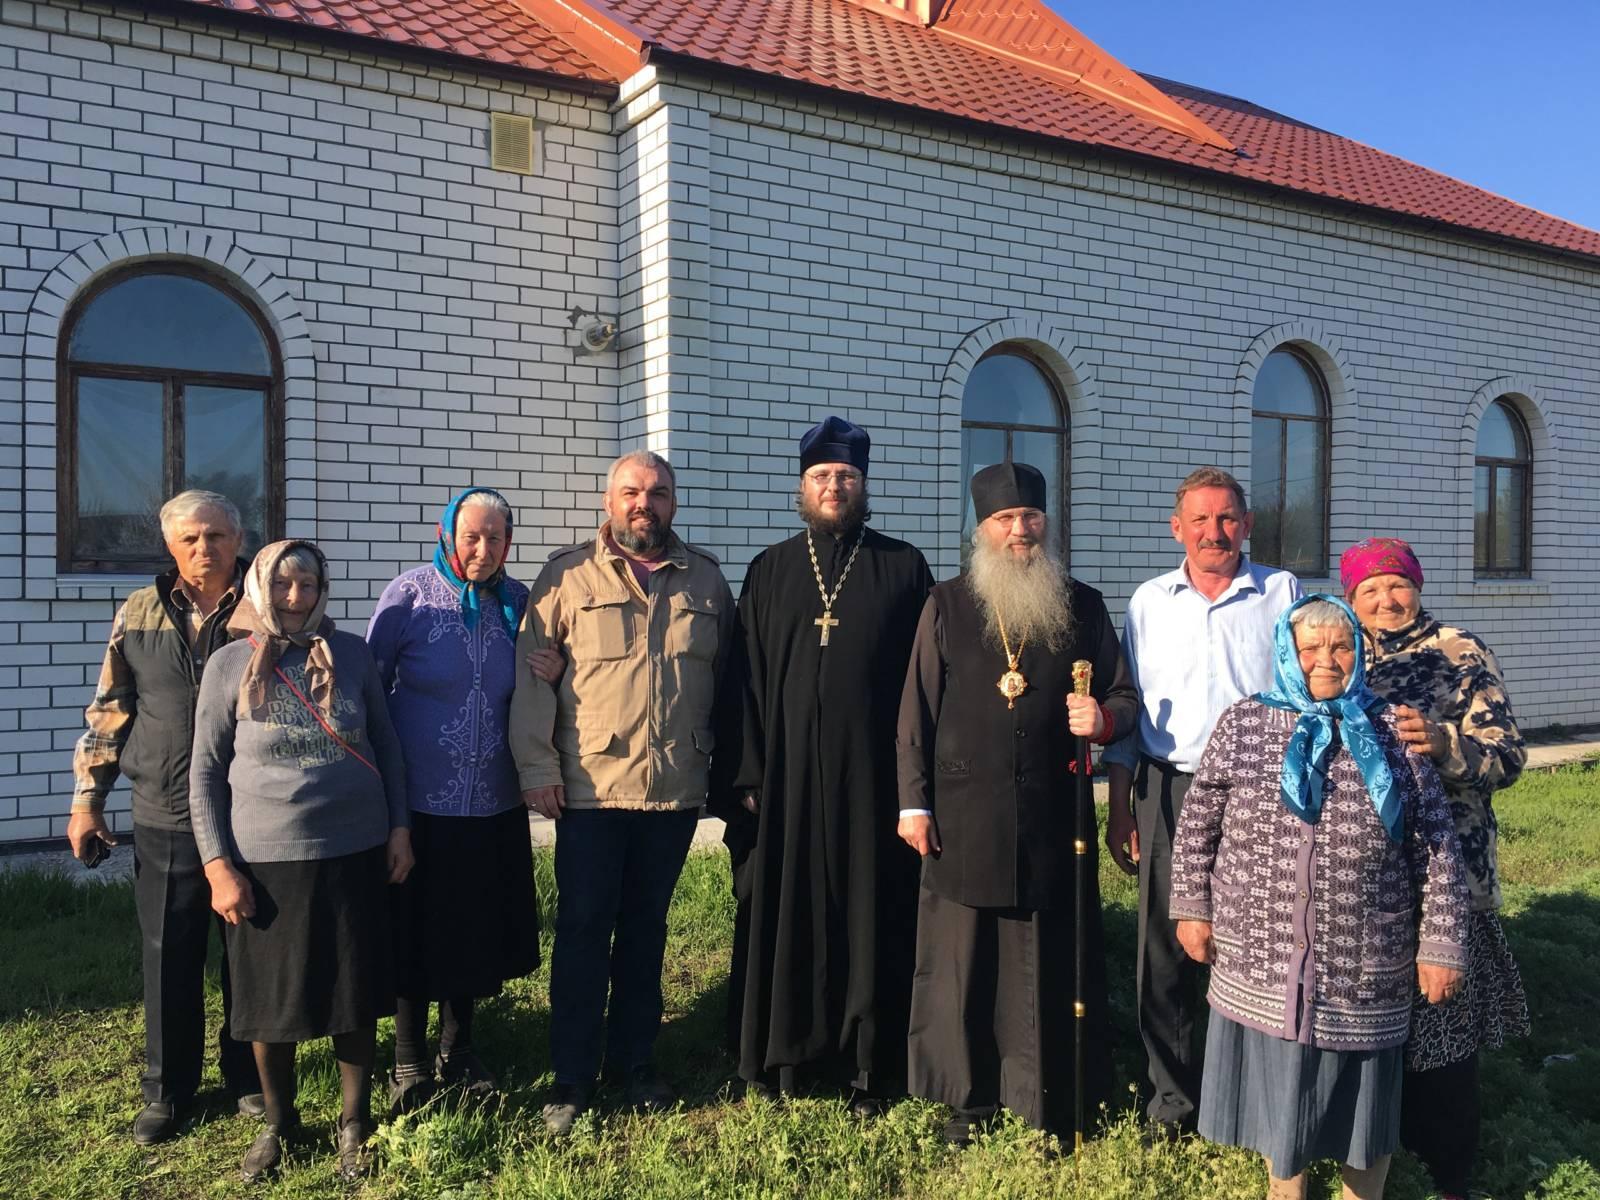 Епископ Елисей посетил приходы Серафимовичского благочиния в Кумылженском районе.